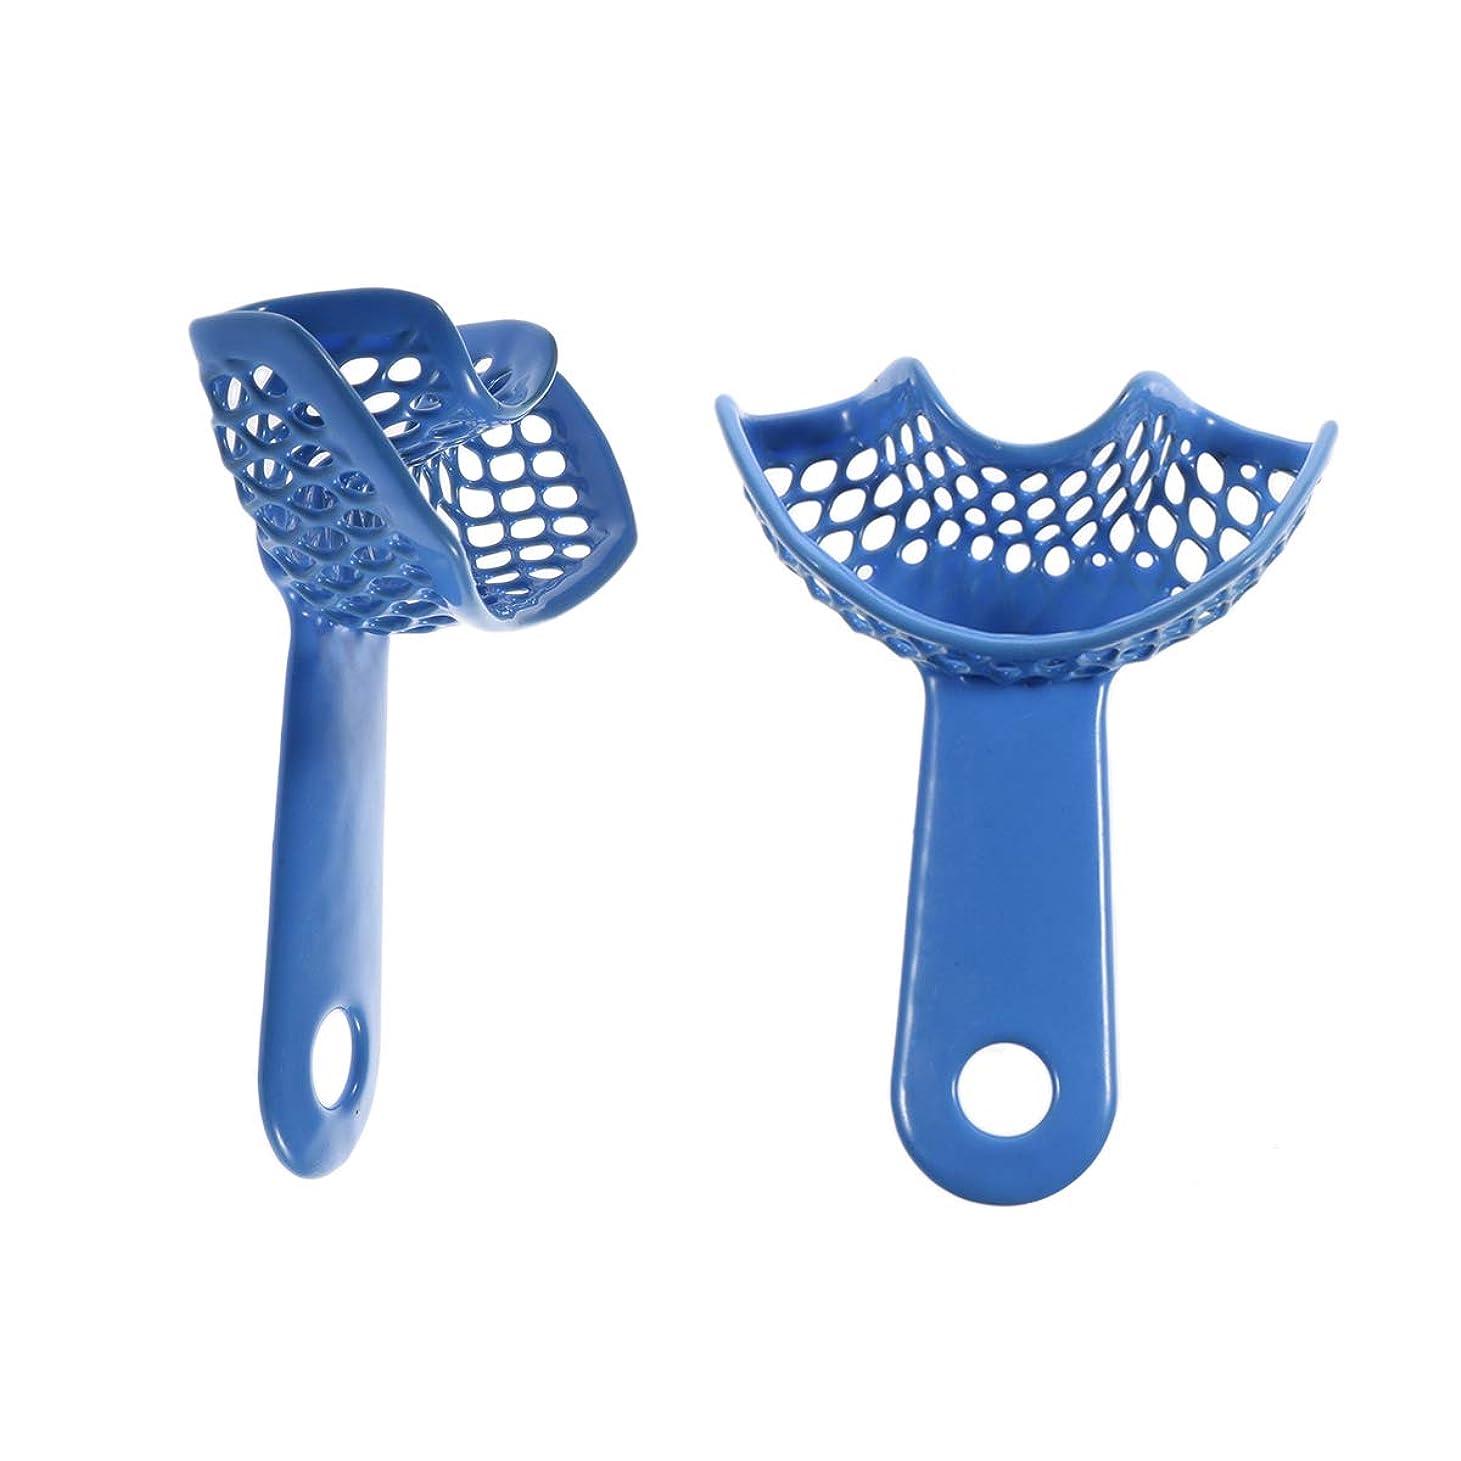 検出器シリンダー論理Healifty 2本の歯科用印象トレイプラスチック製使い捨て歯科トレイ歯科材料デュアルアーチトレイ(青)